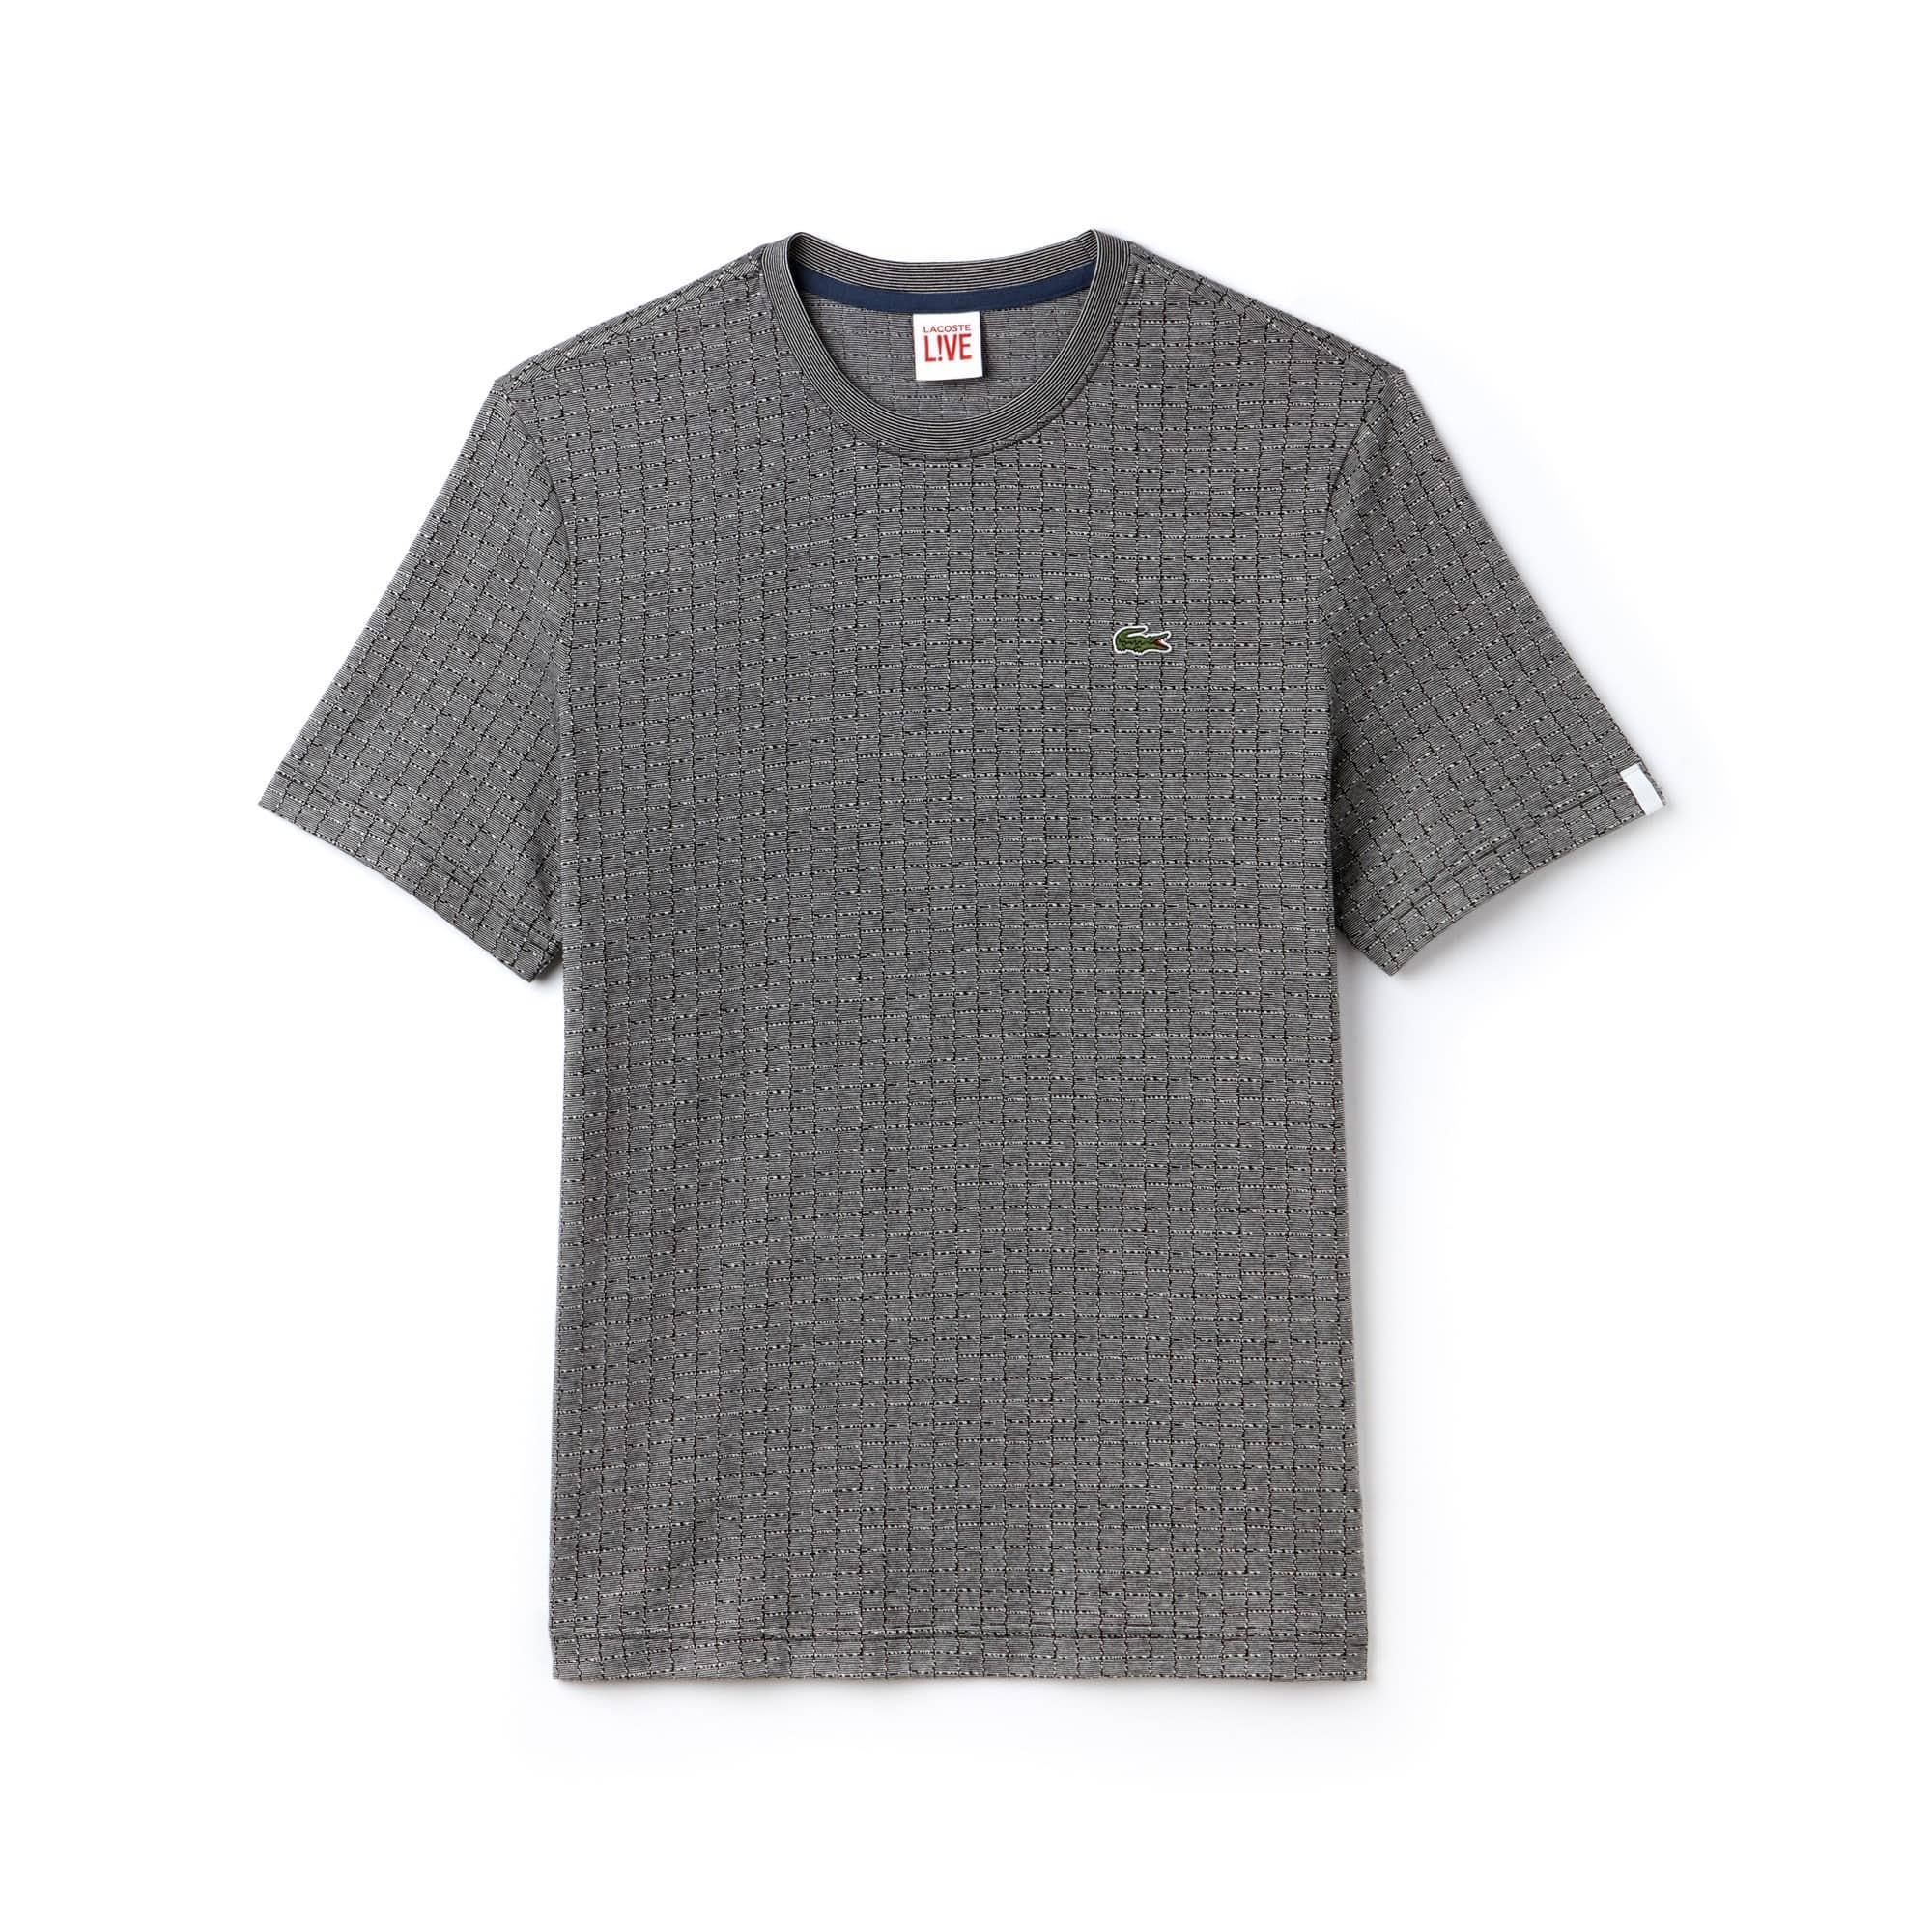 T-shirt a girocollo Lacoste LIVE in jacquard di cotone stampato